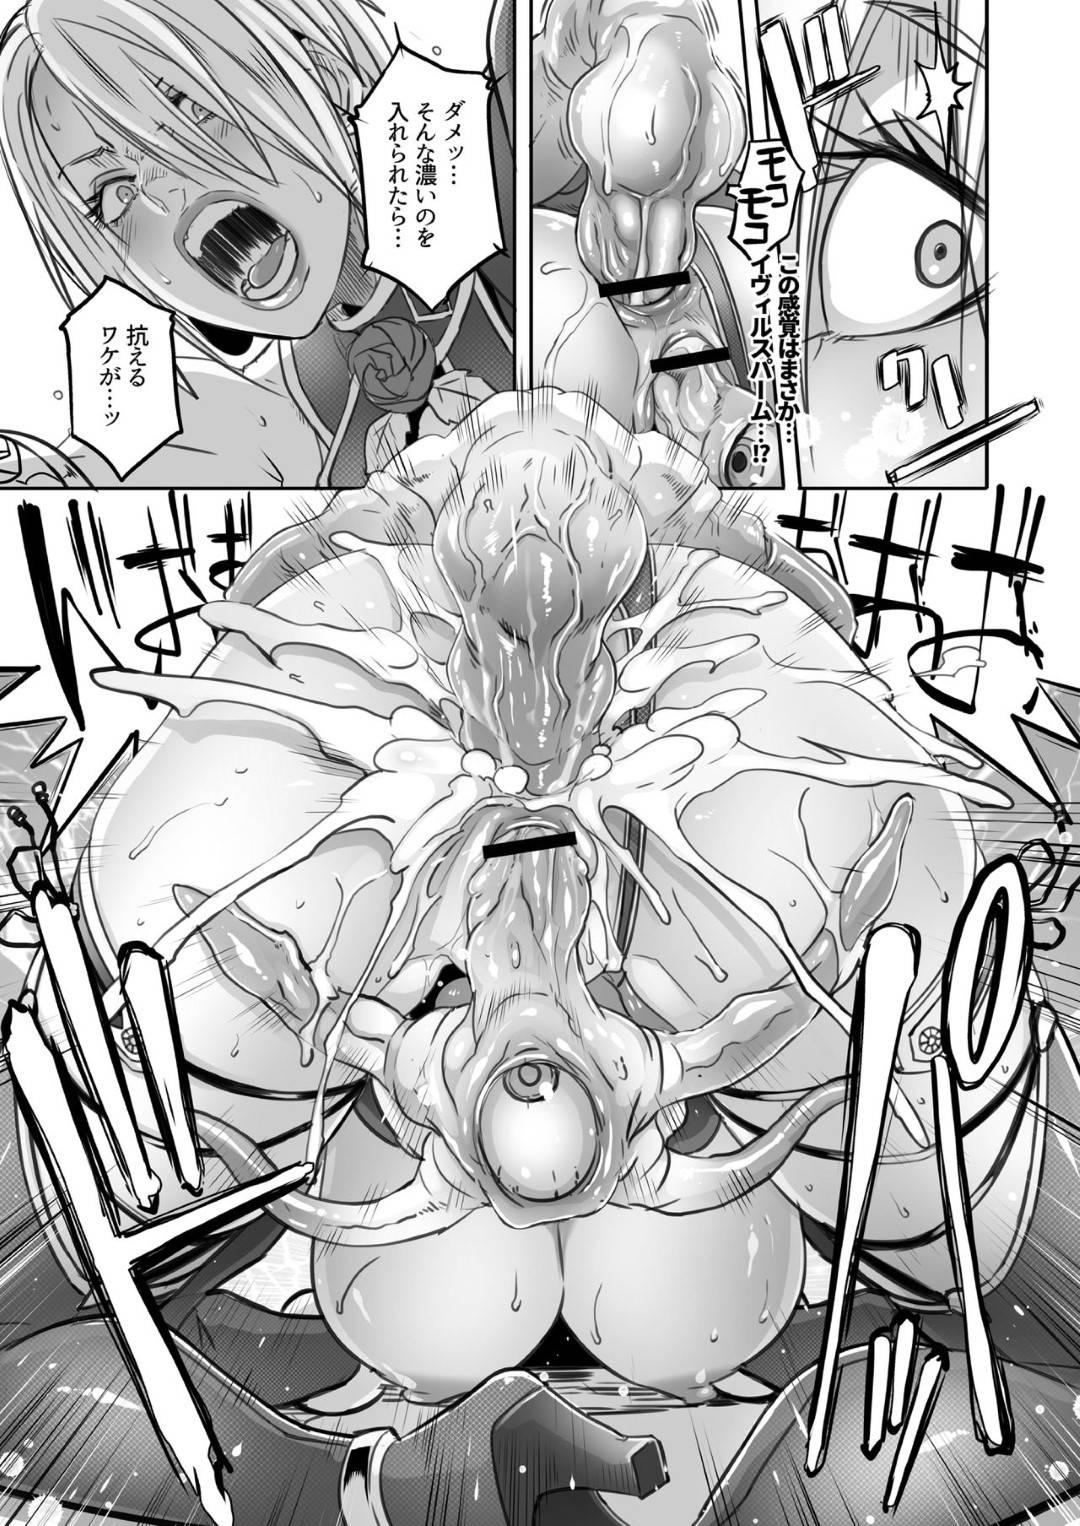 【エロ同人誌】呪われた剣が触手魔物に变化し襲われた金髪爆乳美女。膣内とアナルを犯されて種付けレイプされ続けて身体を乗っ取られてしまい、男たちと乱交しまくり3穴同時中出し輪姦セックスして淫乱雌魔物堕ち【ソウルキャリバー】